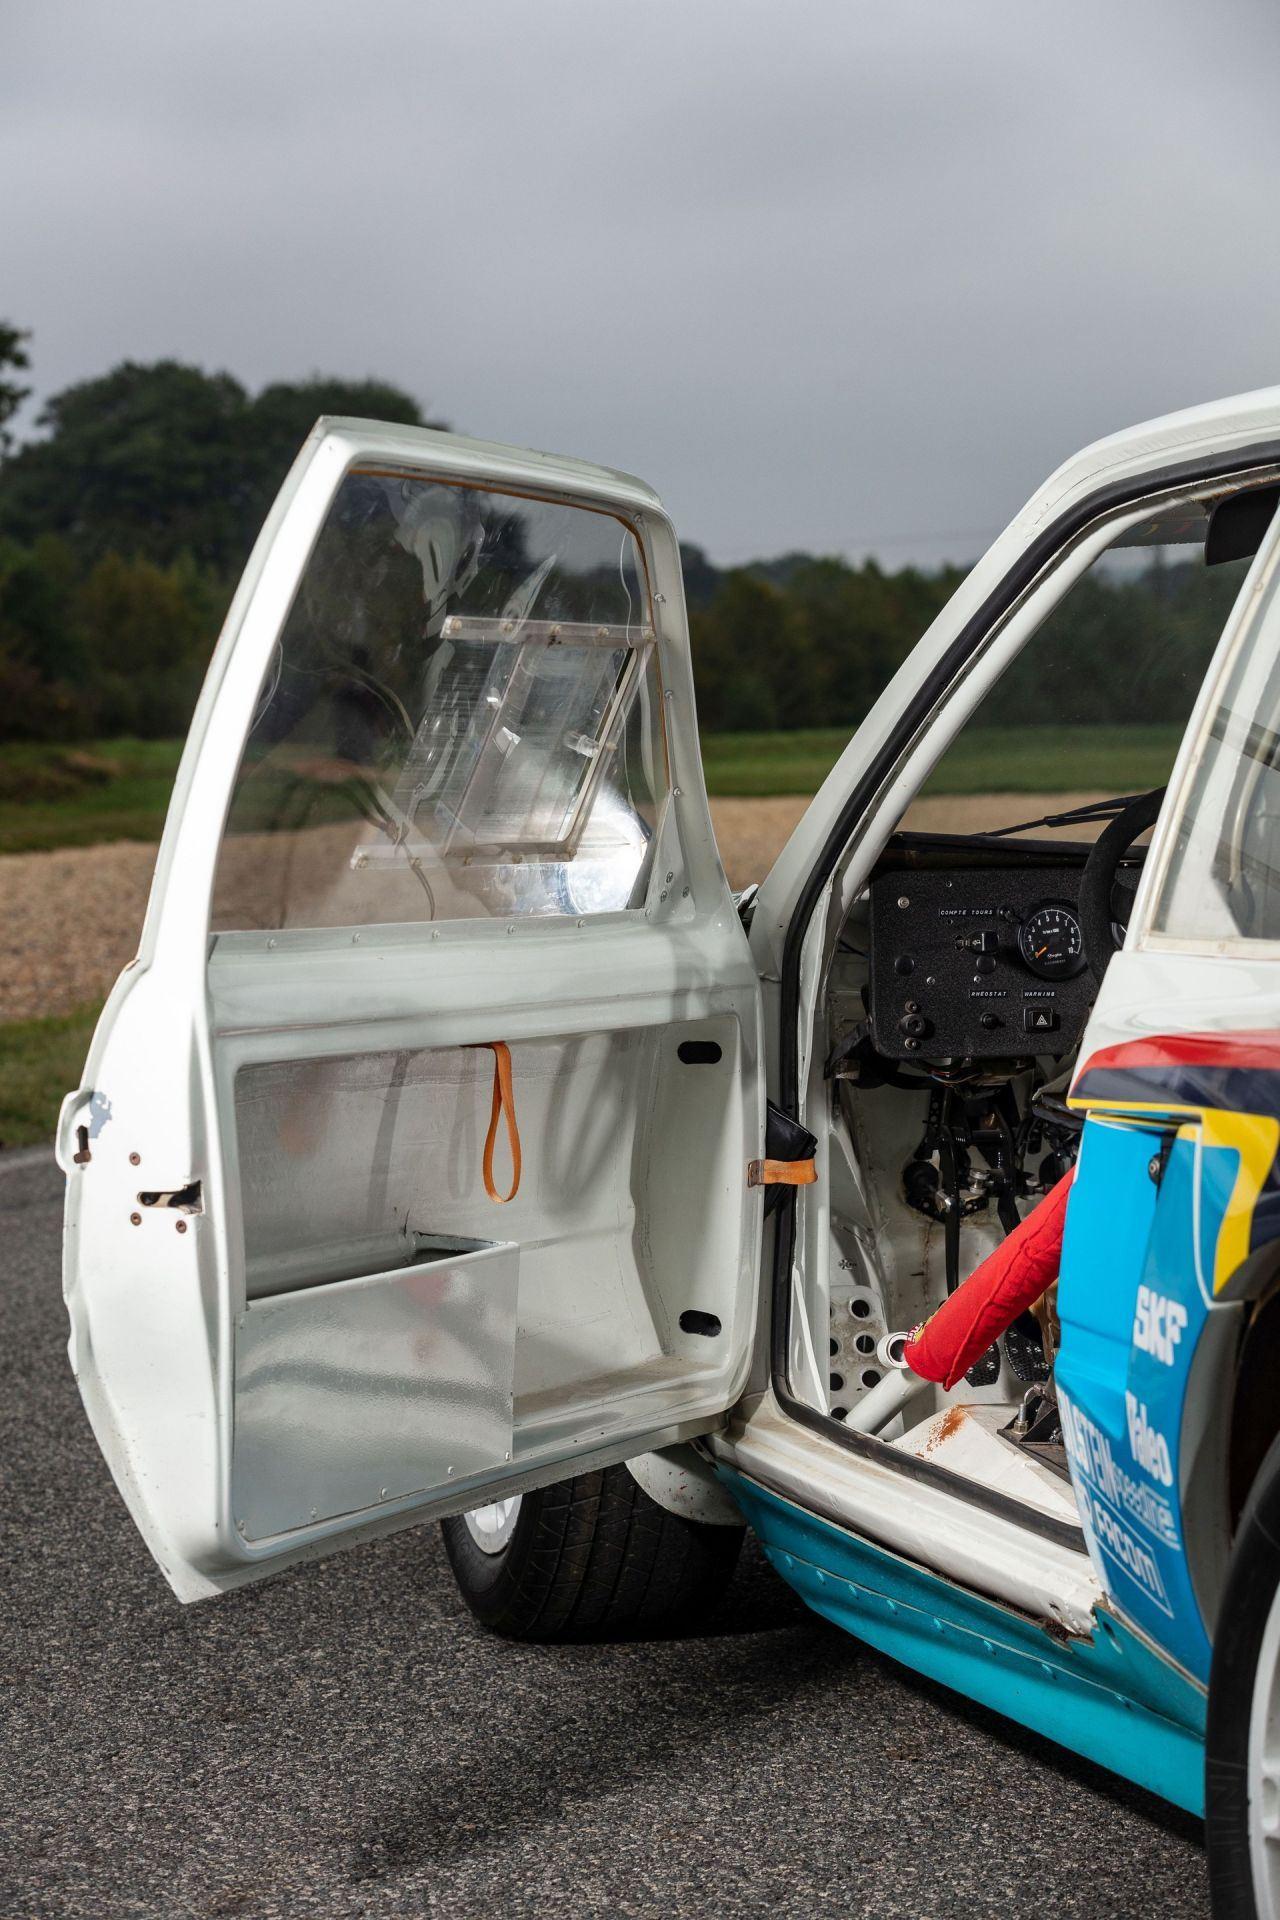 1985_Peugeot_205_Turbo_16_Evolution_2_sale-0030